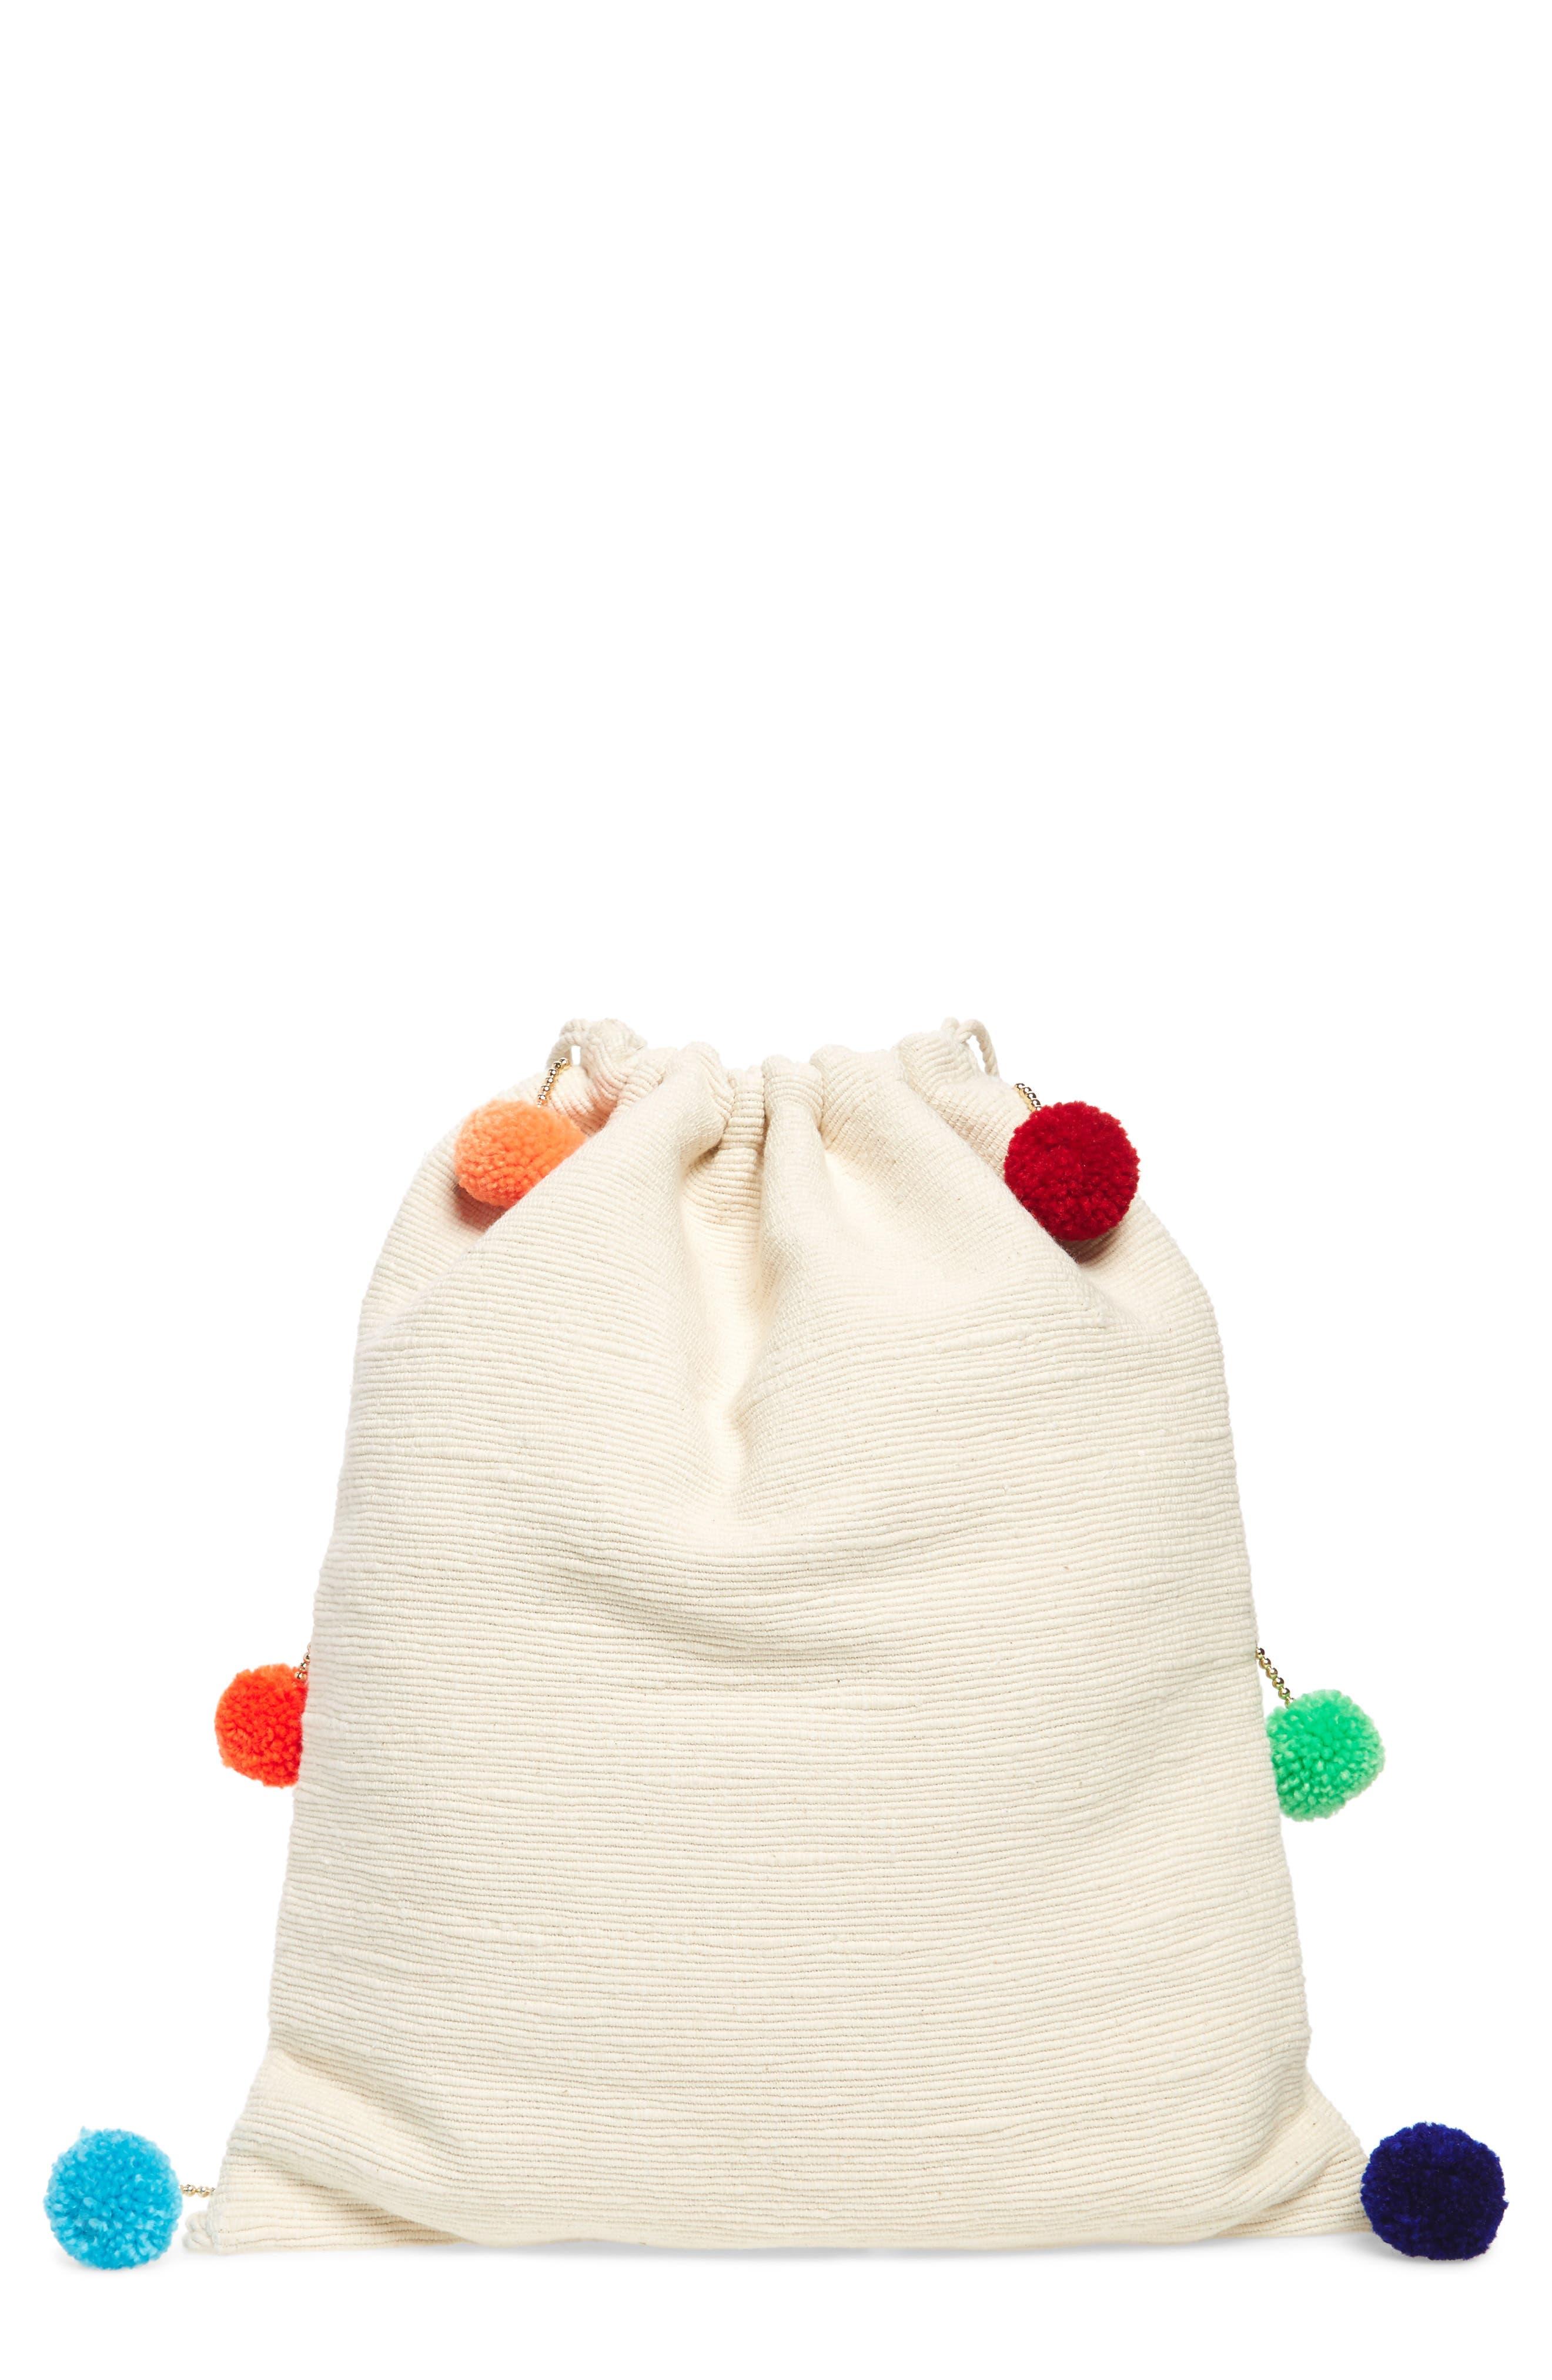 Pompom Drawstring Bag,                             Main thumbnail 1, color,                             Caramel